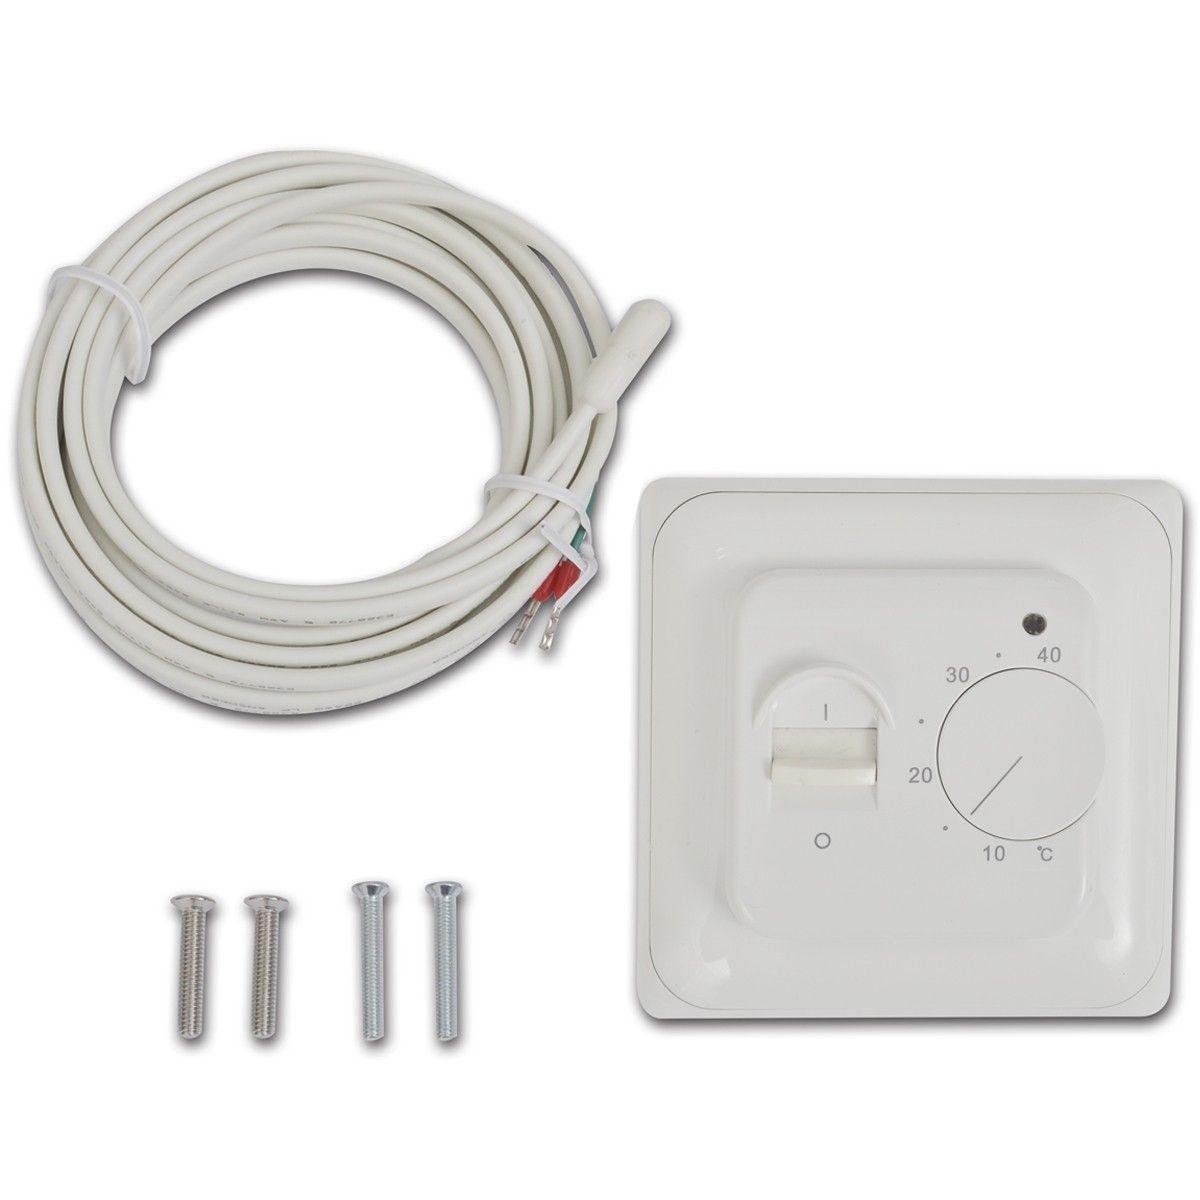 Unik Gulvvarme Termostat med Sensor (141339) | FINN.no RK23